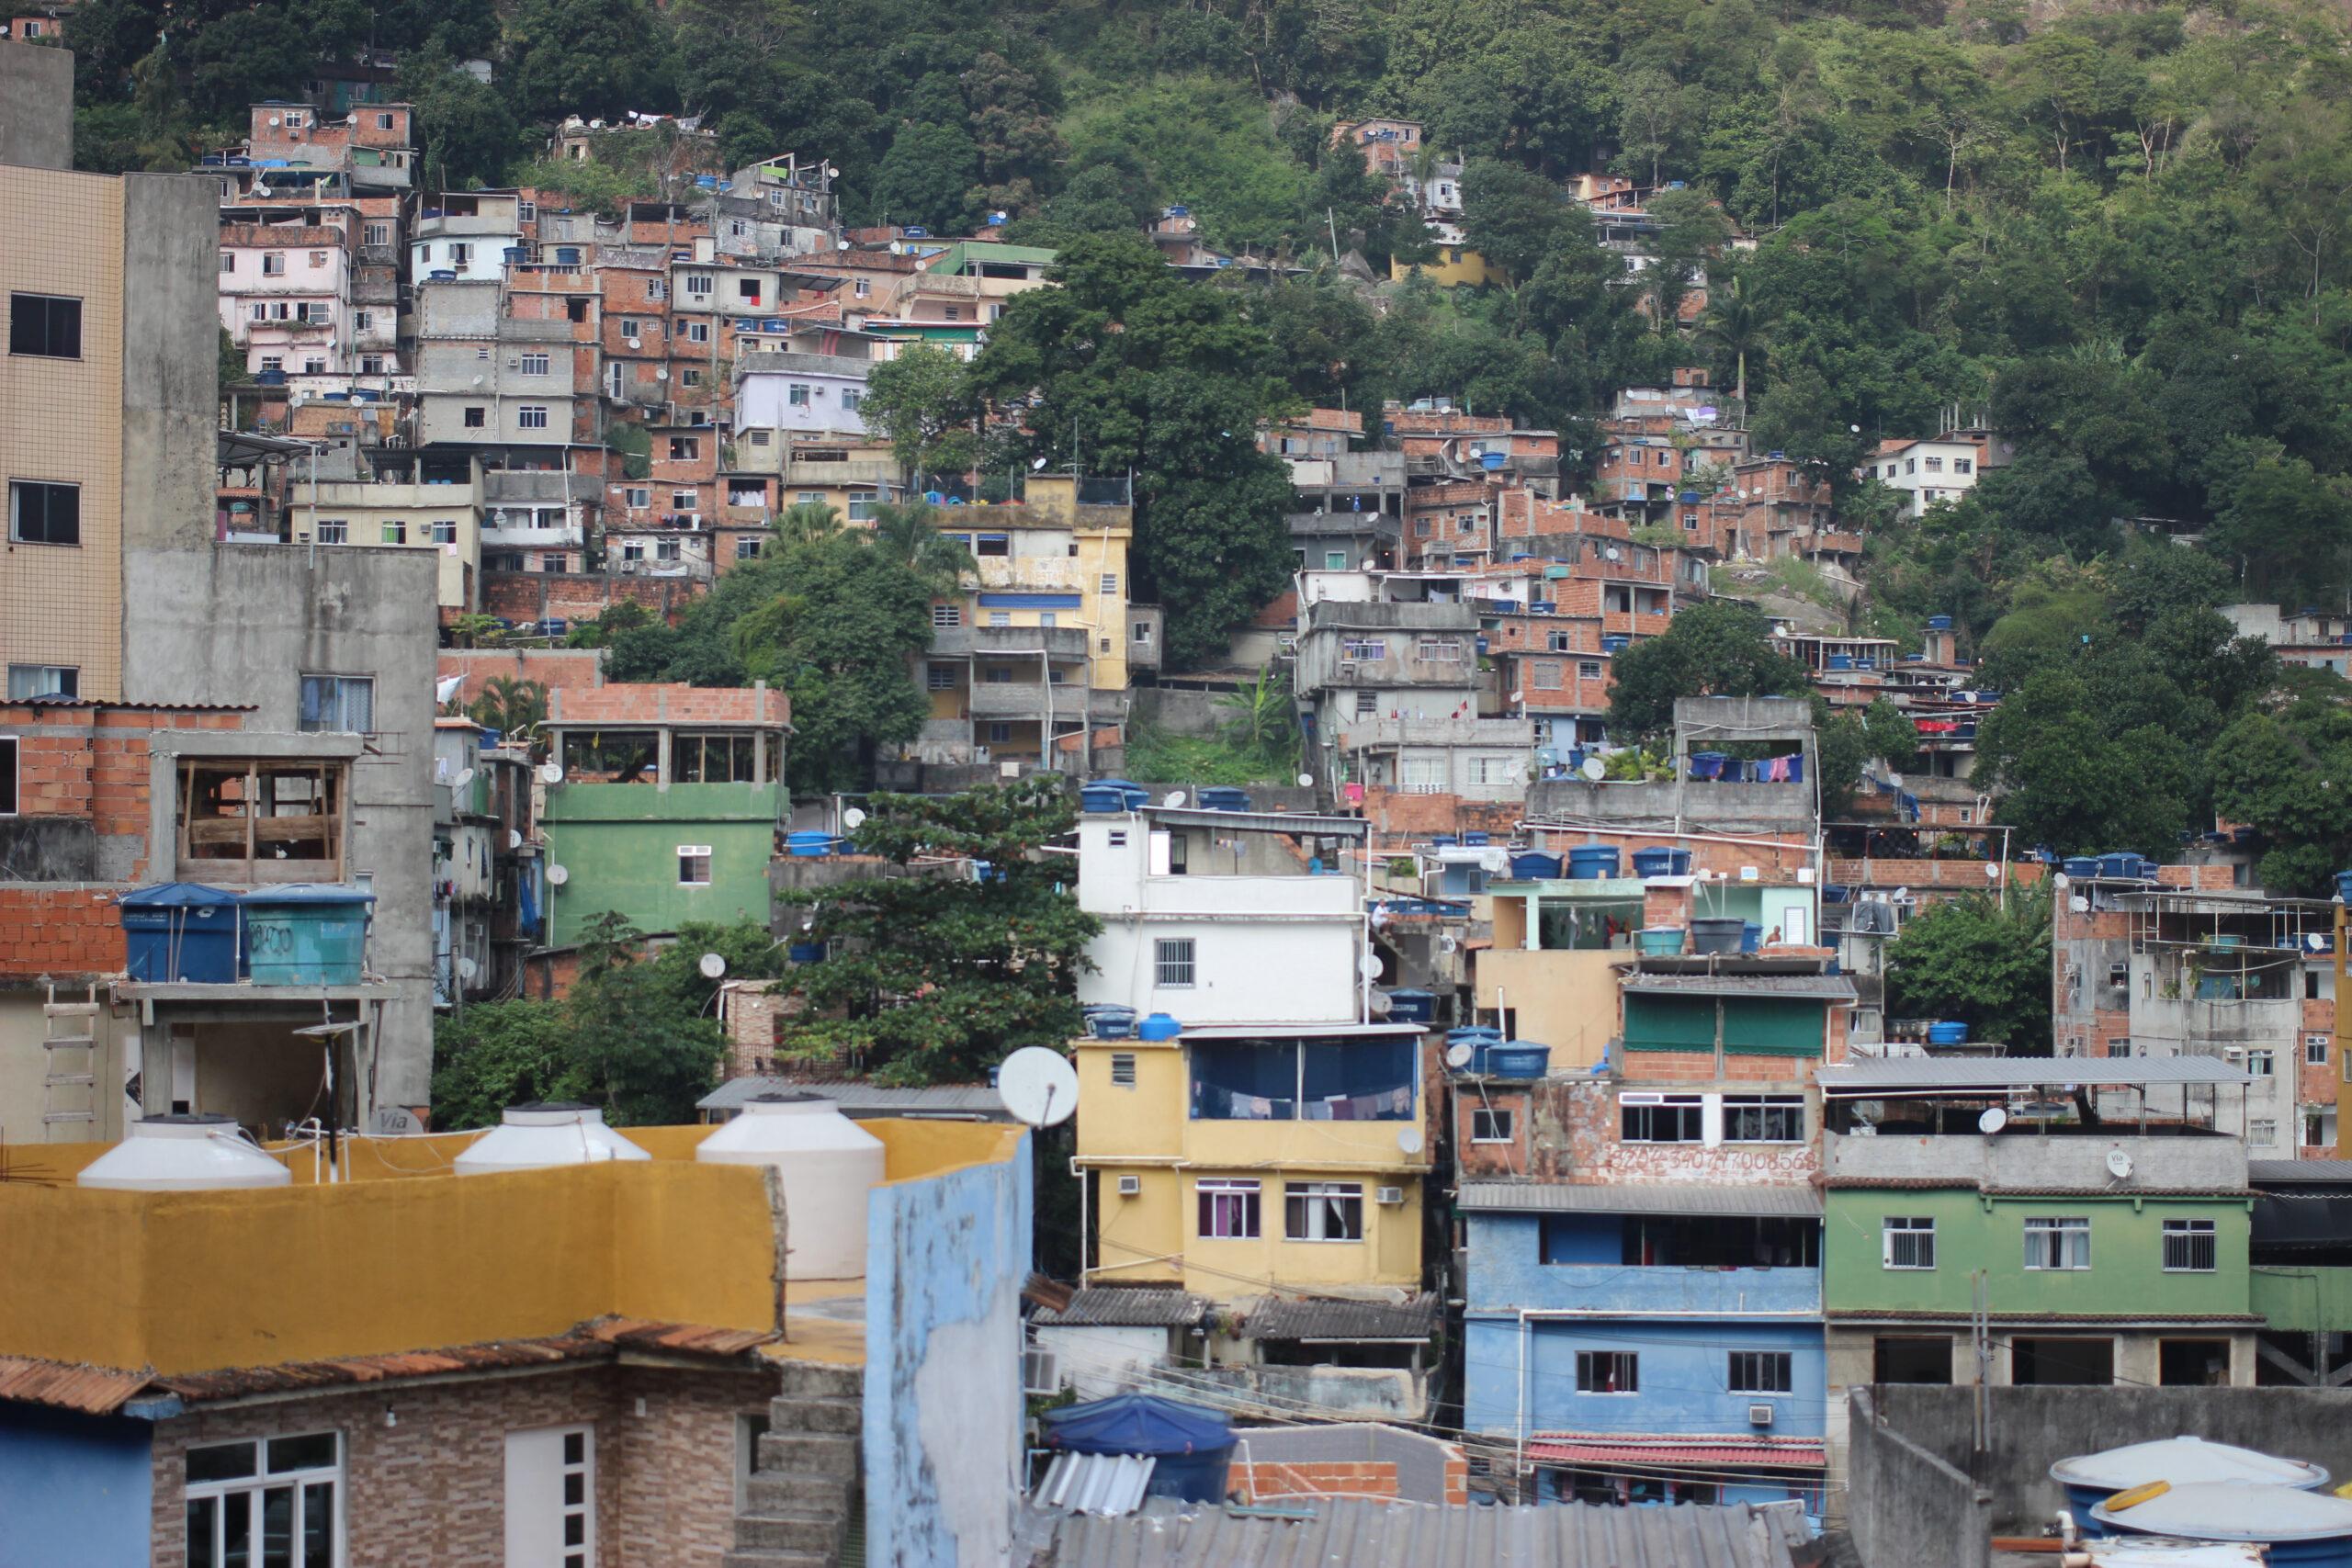 Moradores de favelas relatam experiência de contaminação por coronavírus